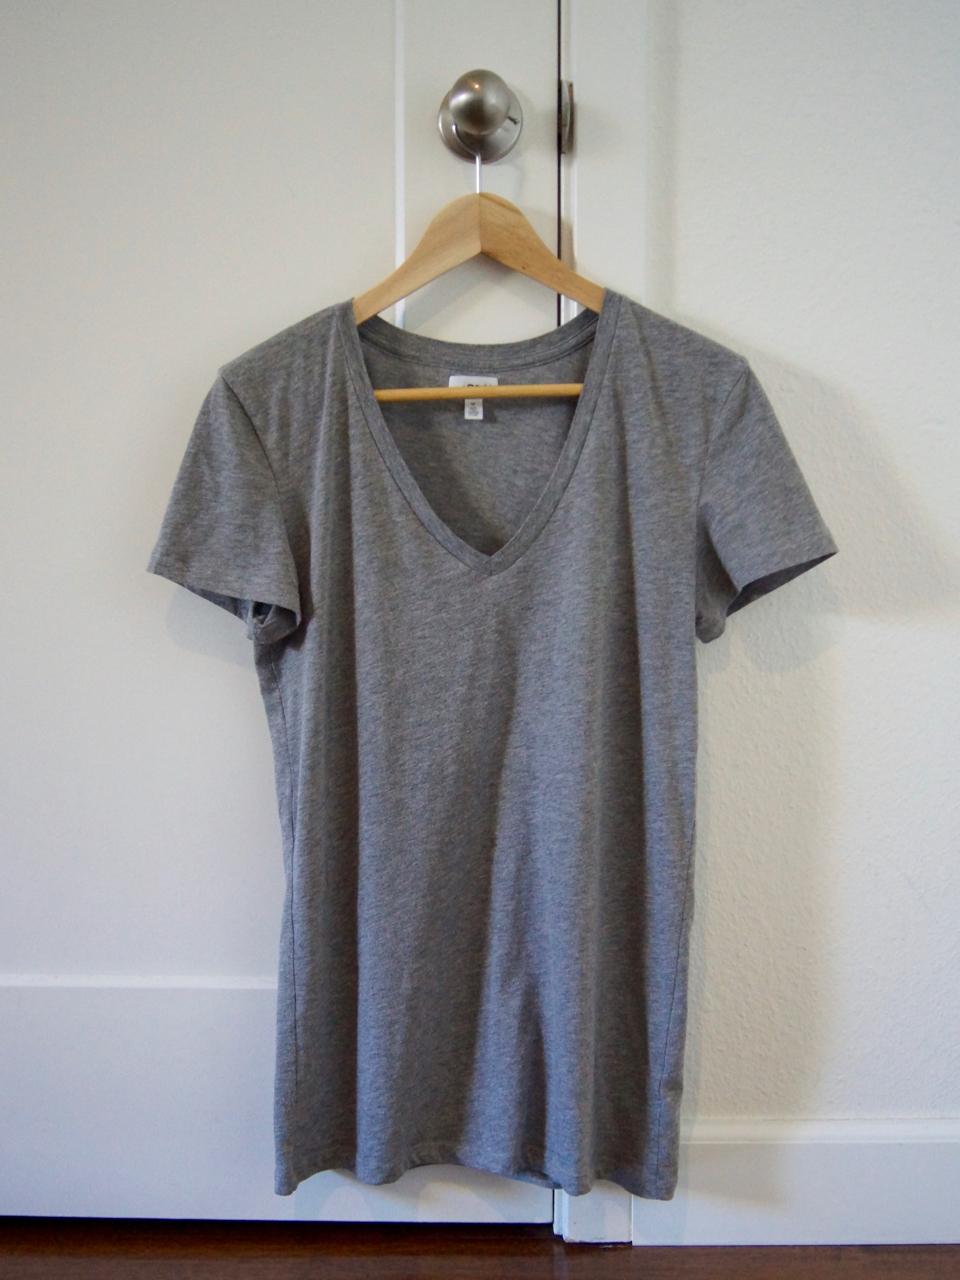 chic t-shirt